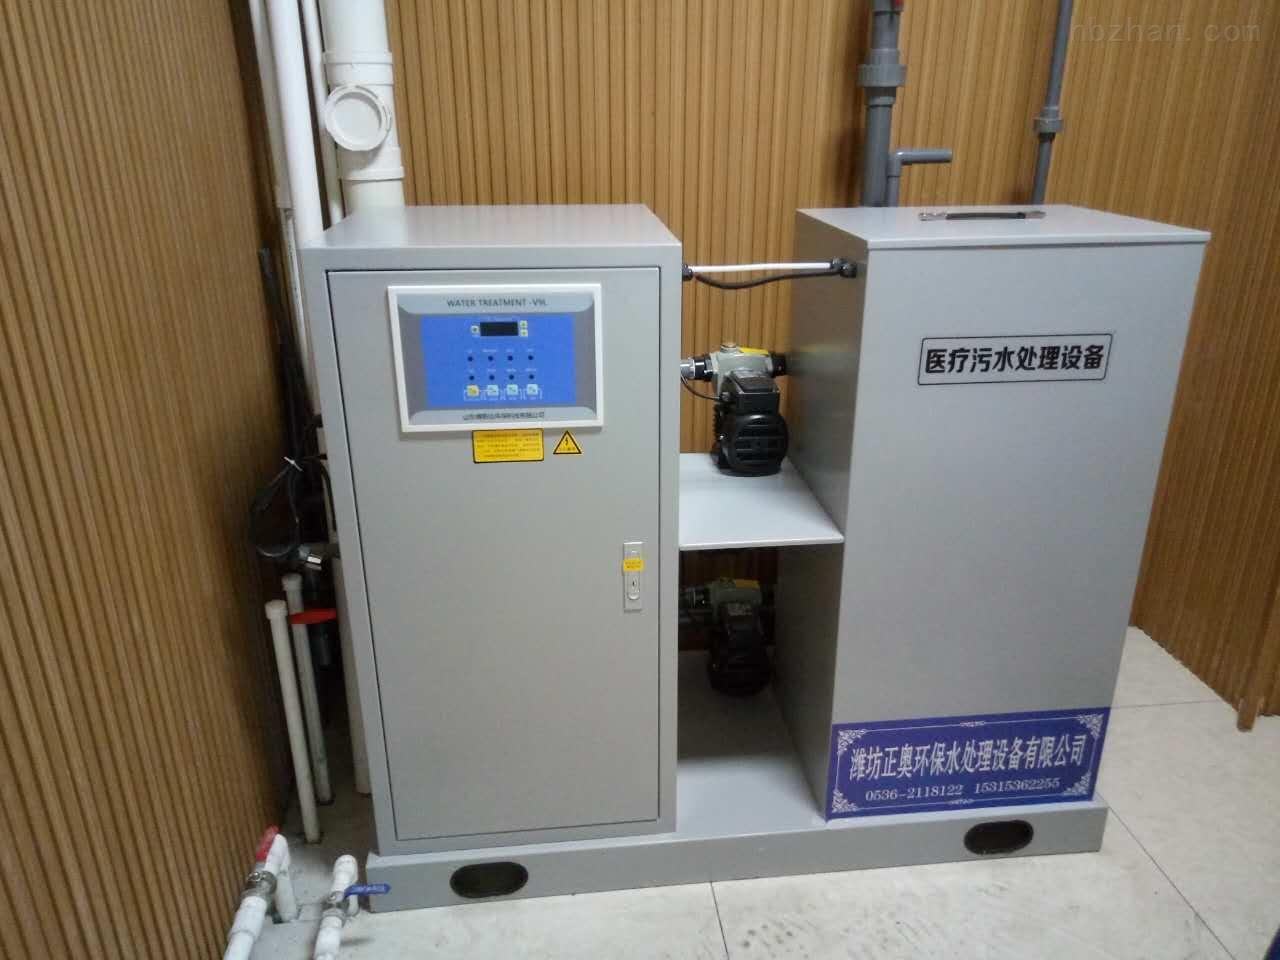 【】德阳化验室污水处理设备专家在线